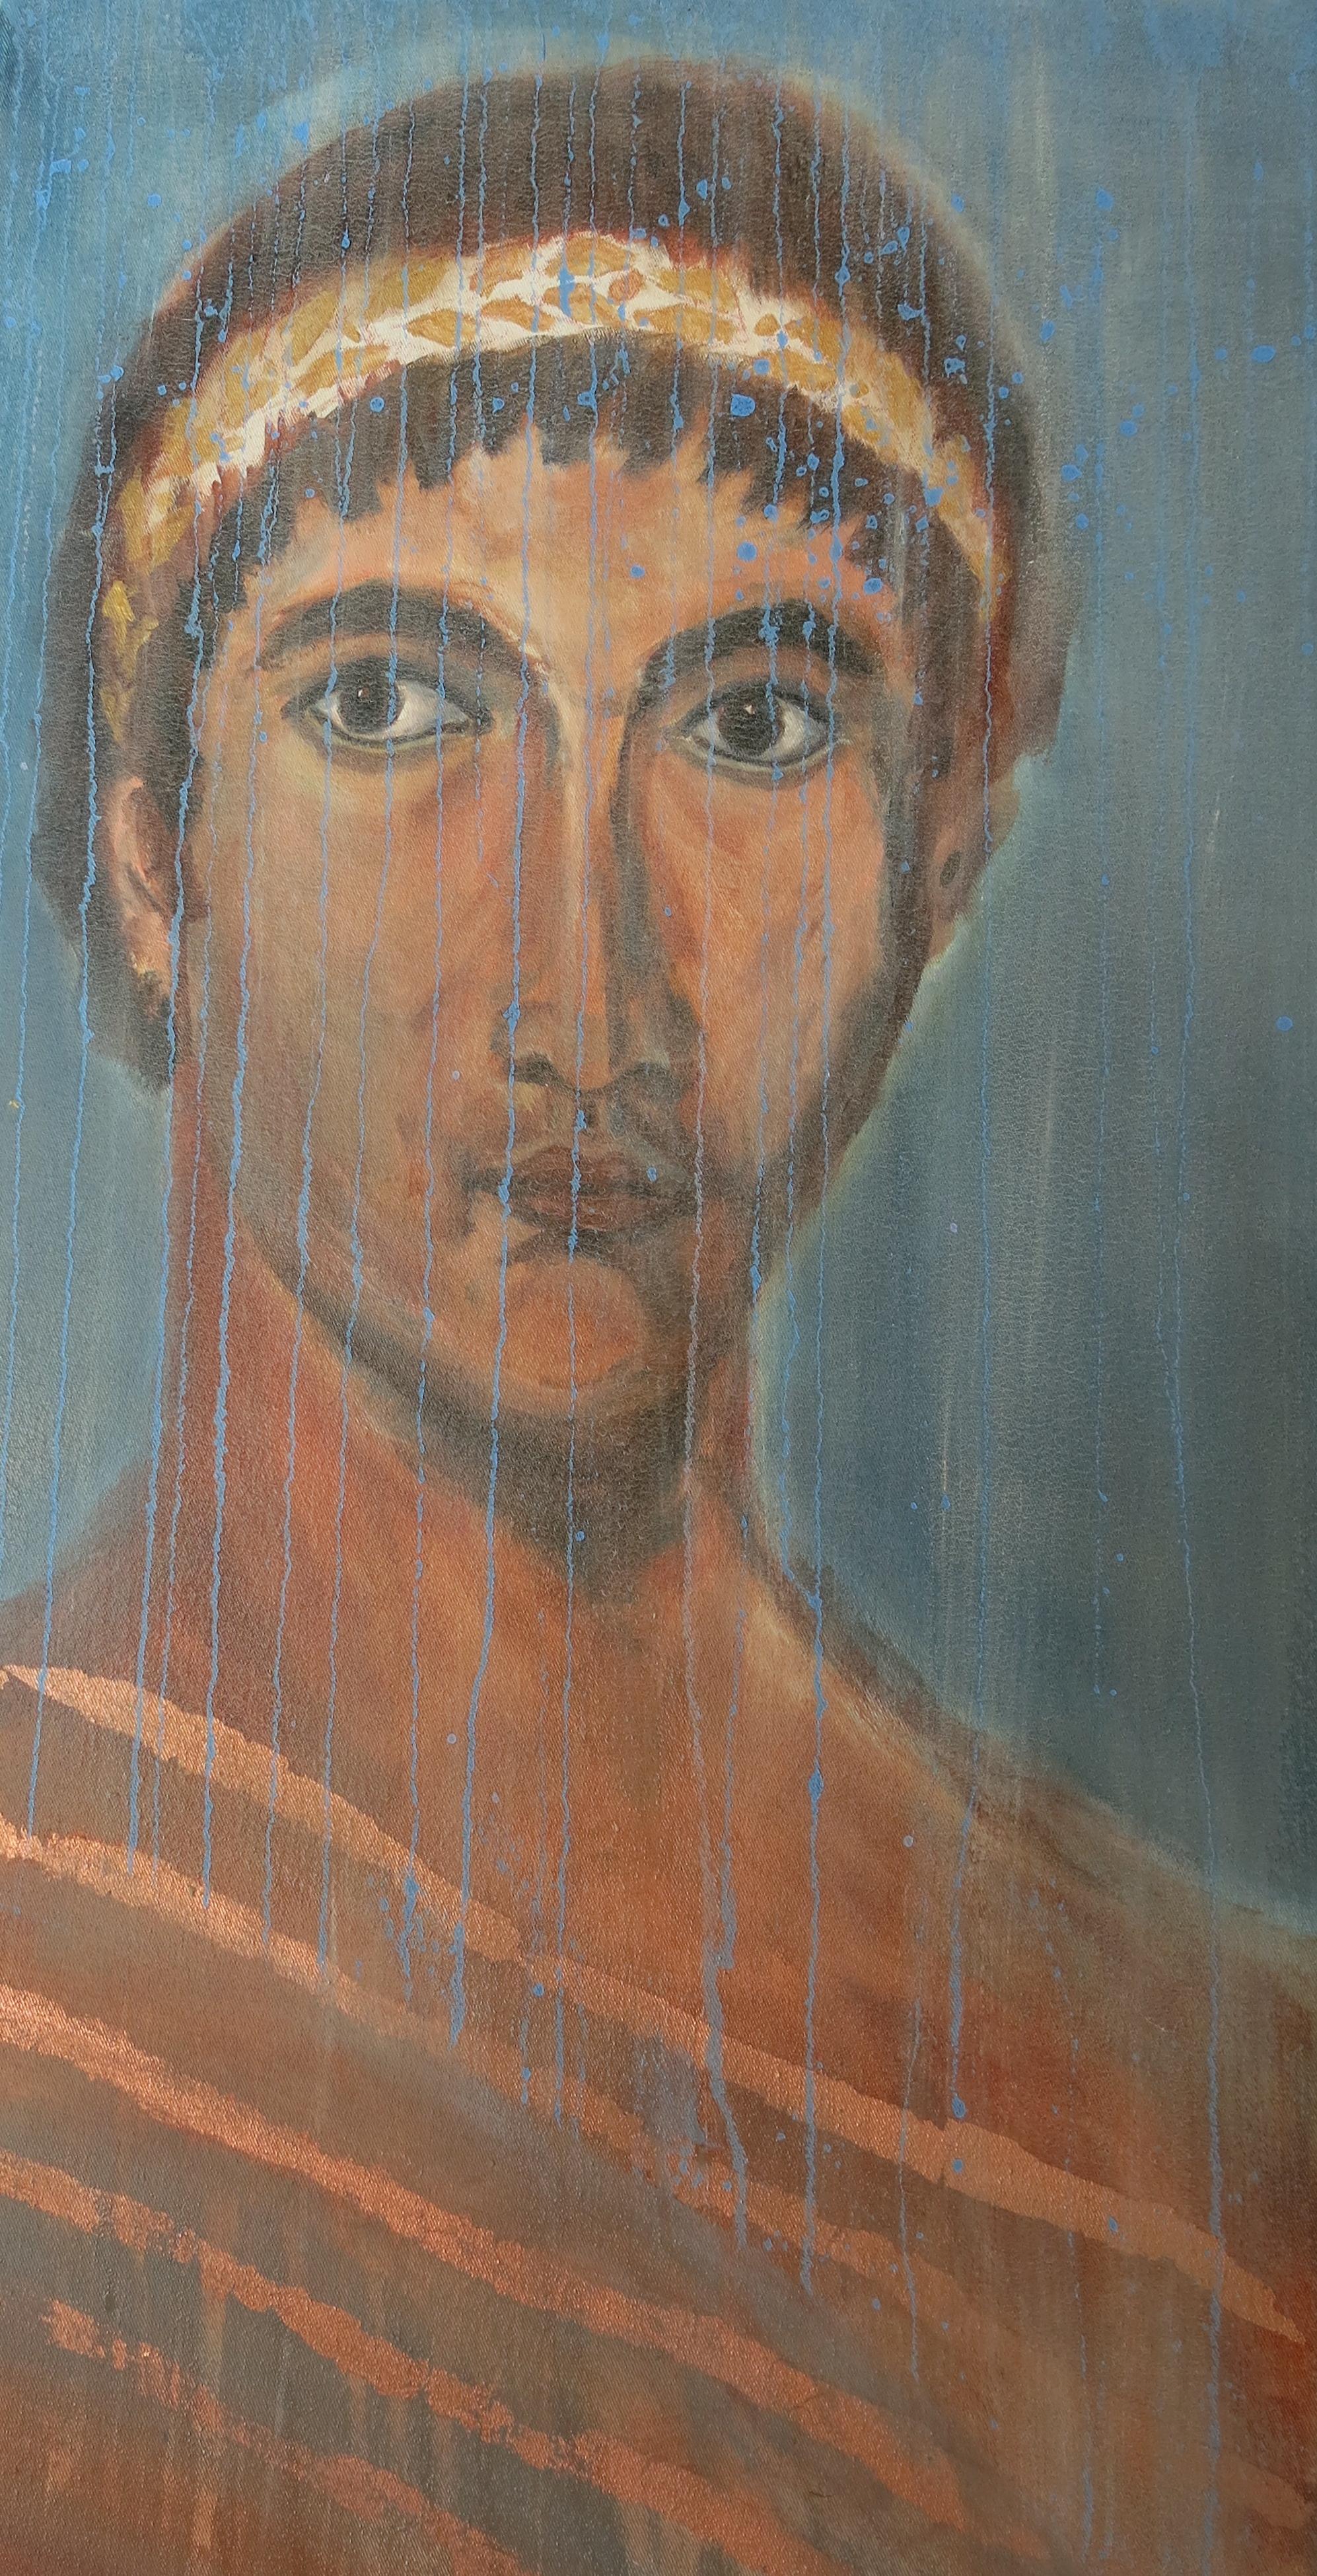 Römer, Acryl auf Kork, 40x30 cm, 2013